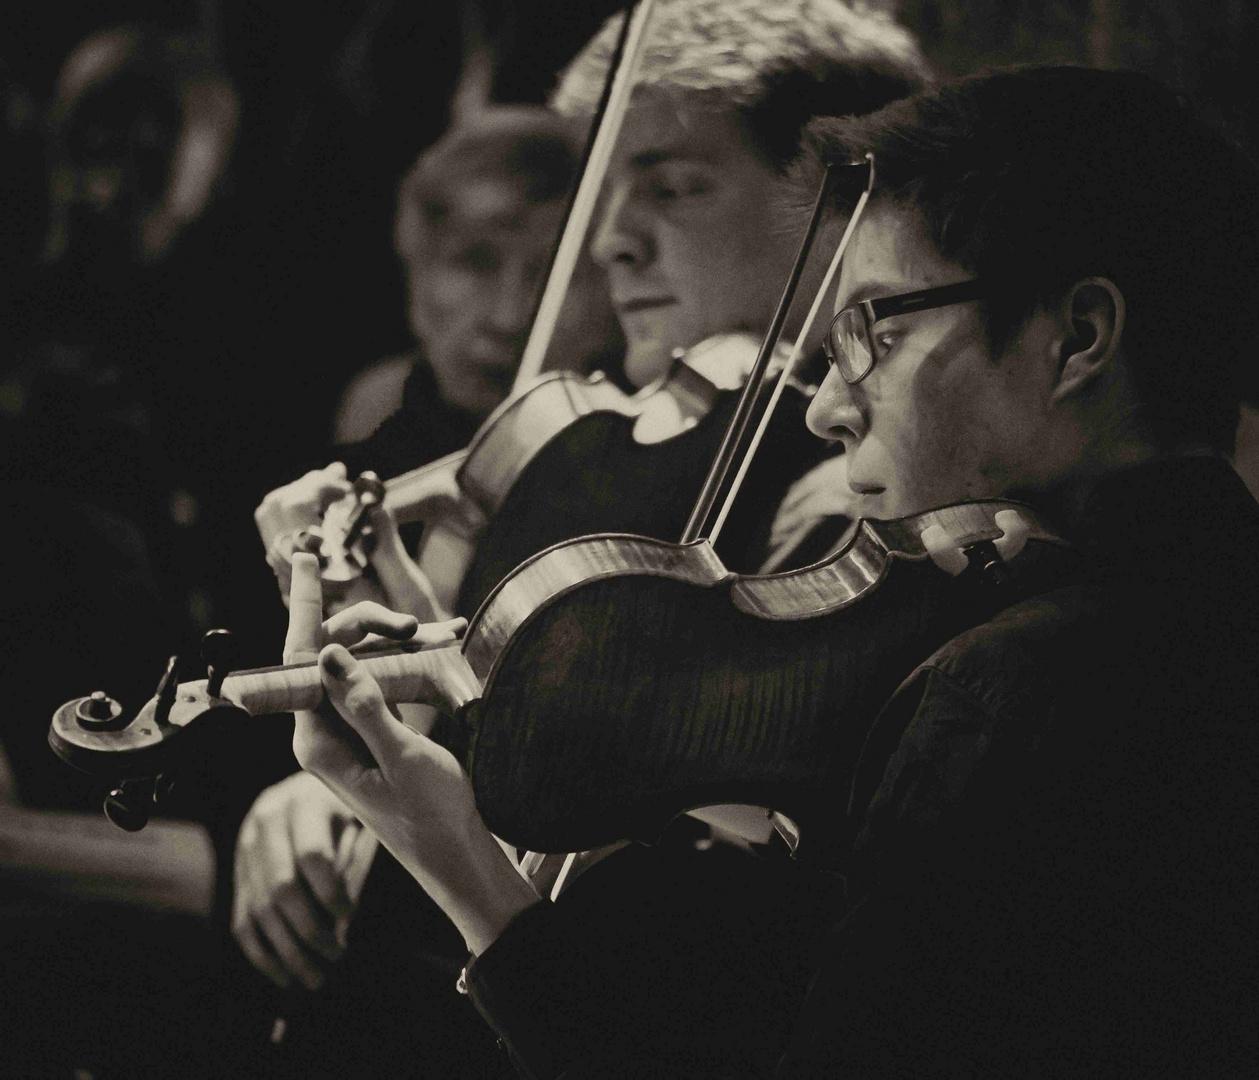 Konzert in der Remise # 74